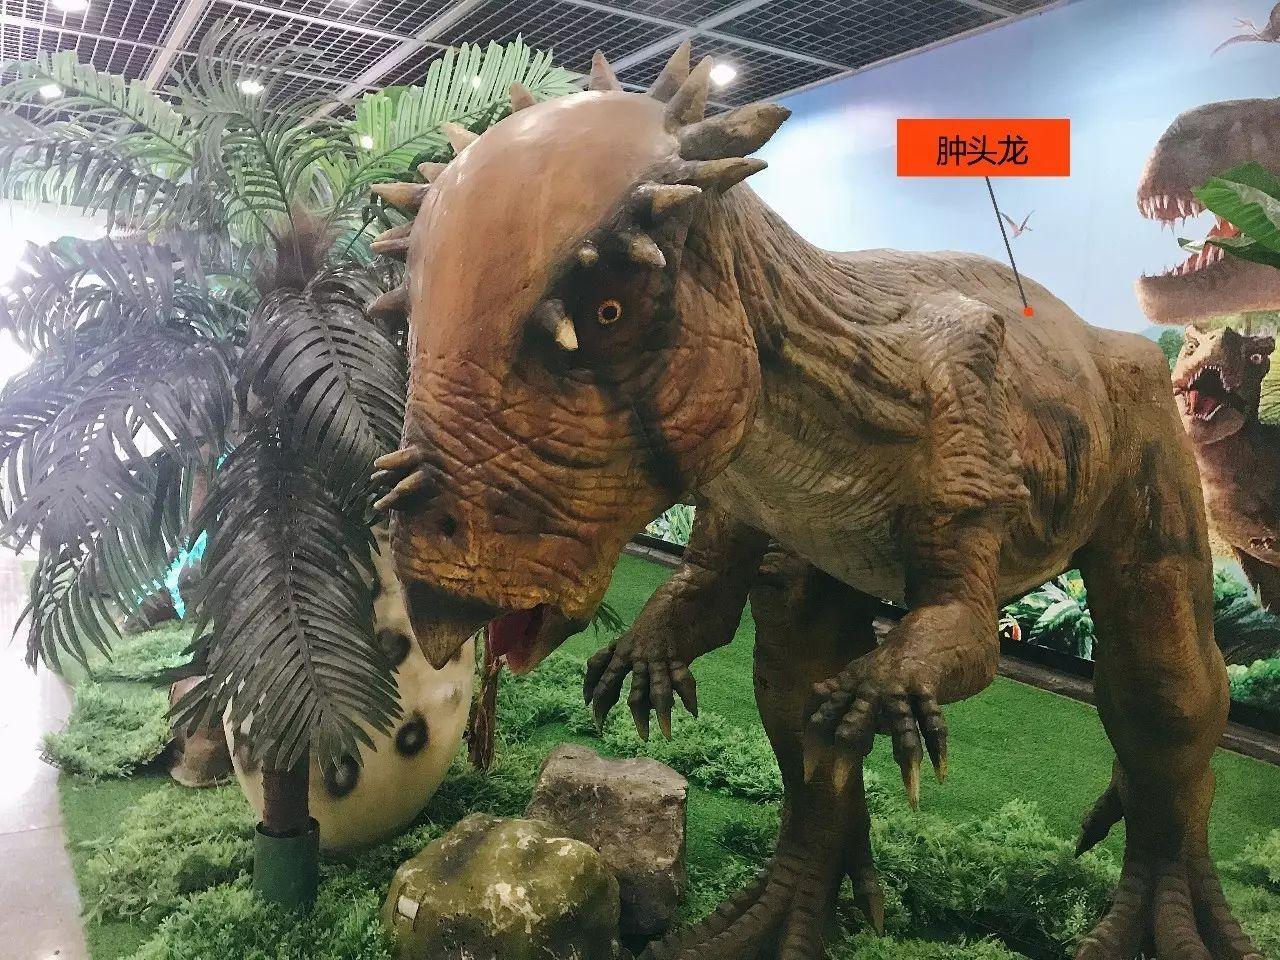 功举办,逼真的恐龙美陈场景吸引了很多乘坐地铁的市民驻足参观与拍照.